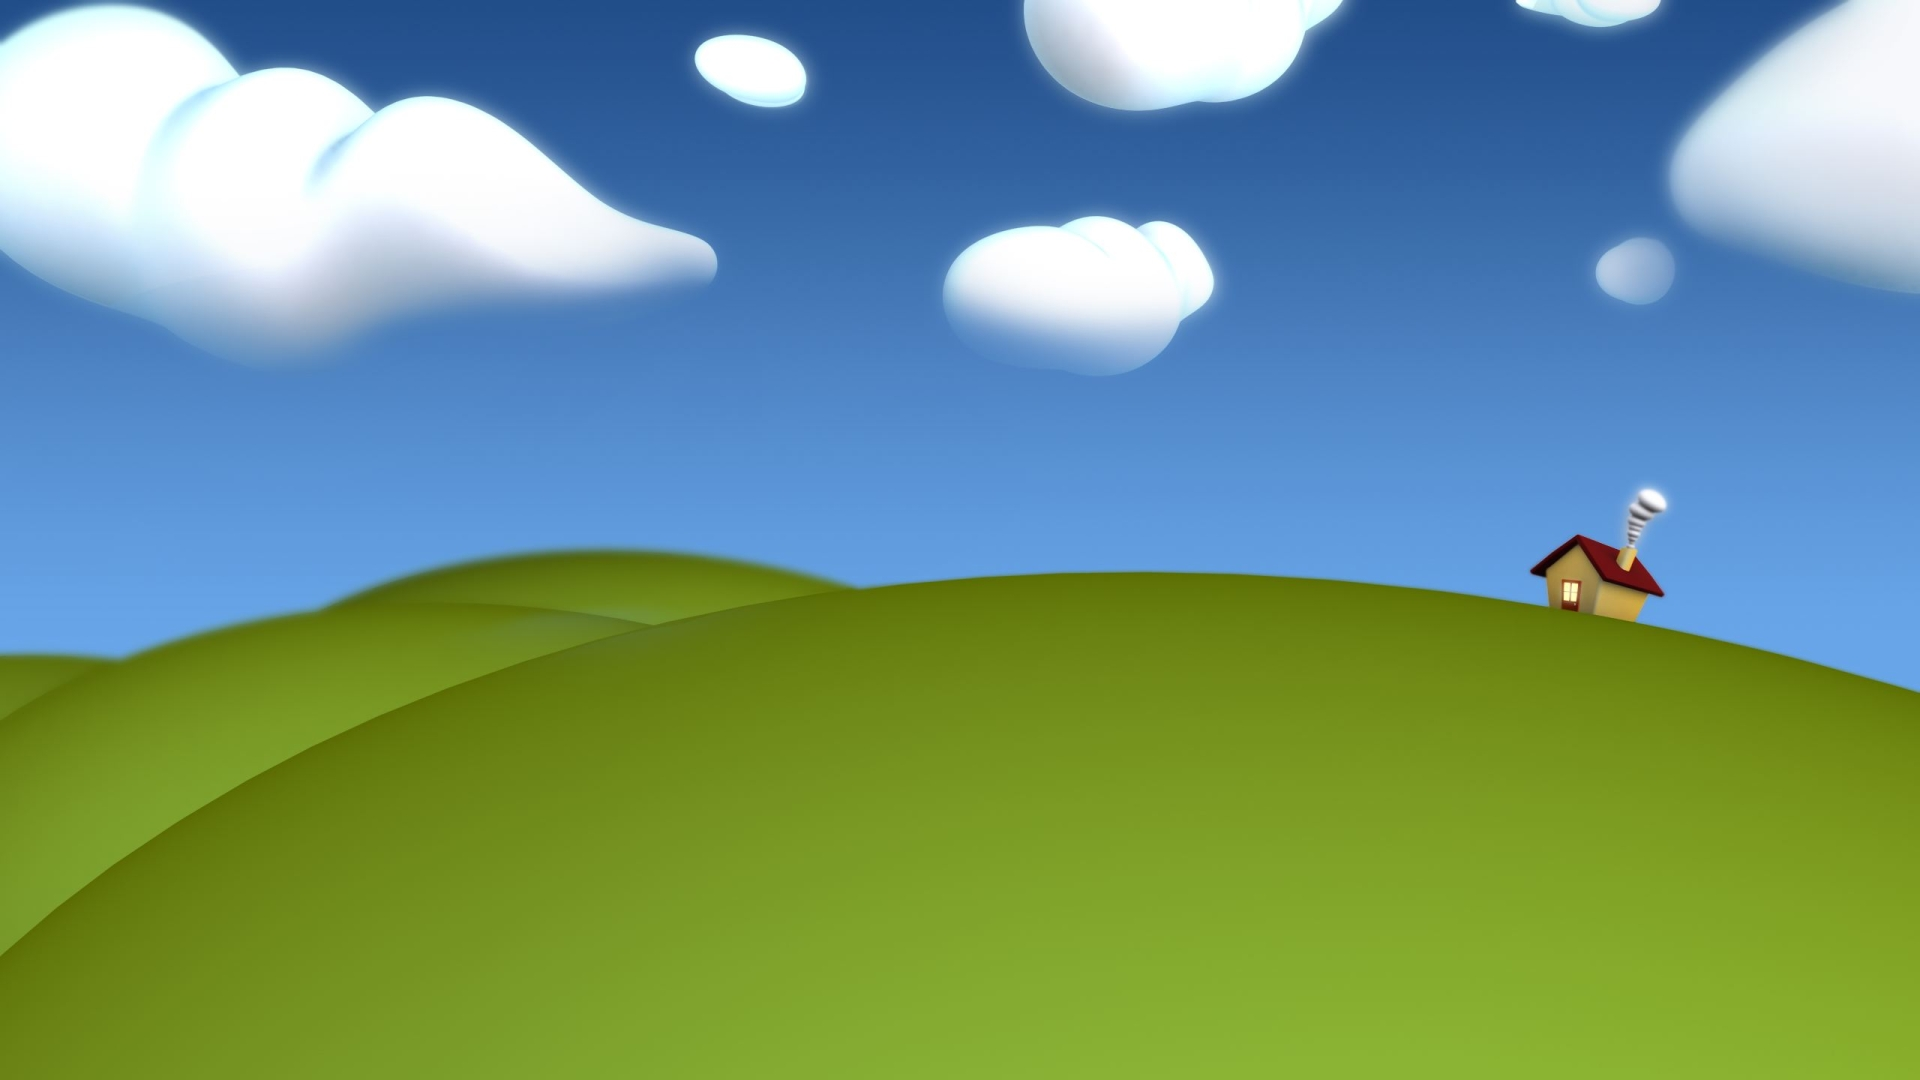 домик, зелень, небо